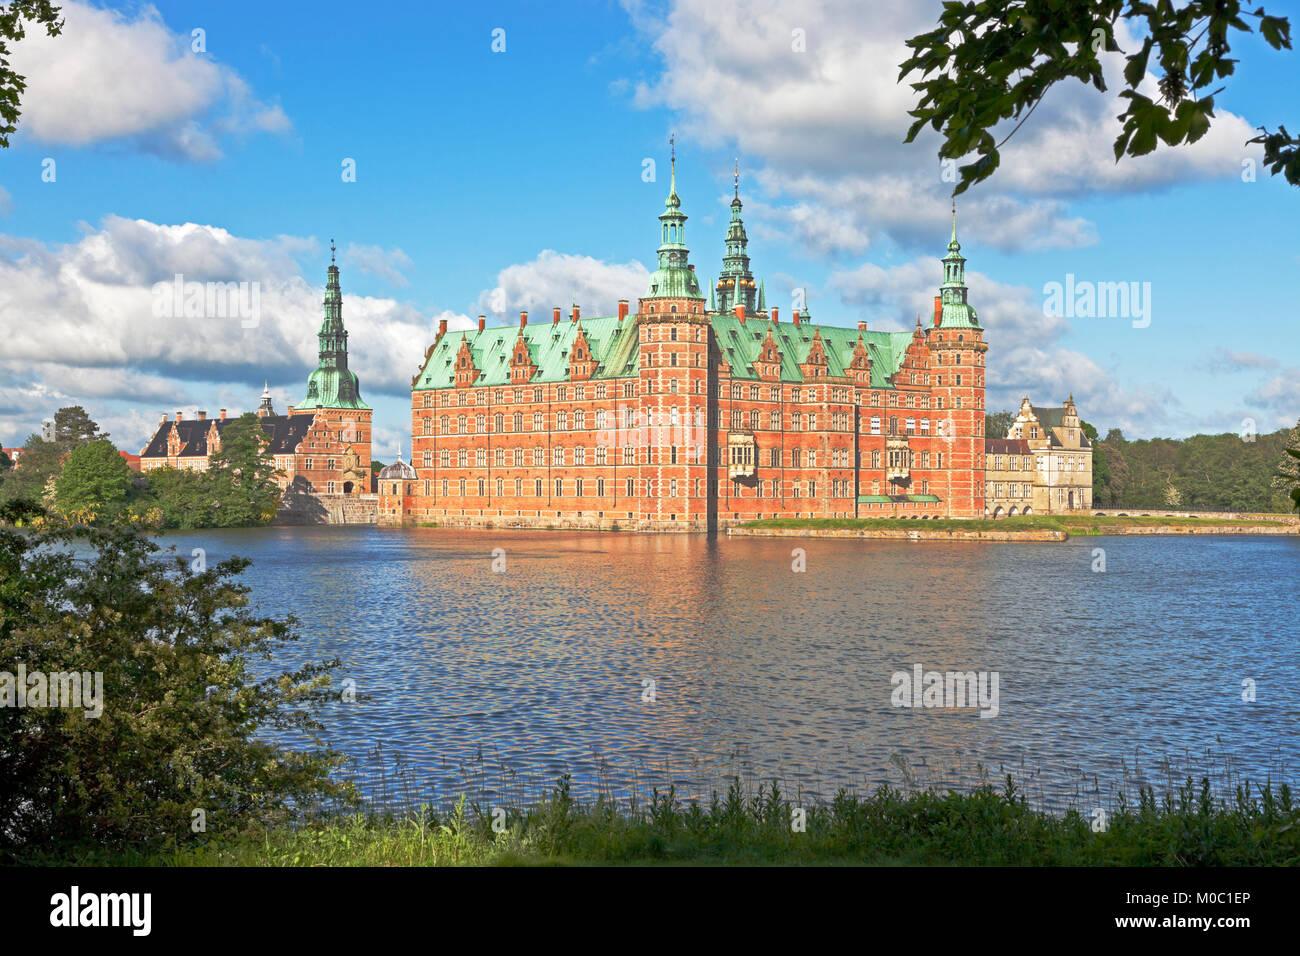 Le château de Frederiksborg, de style Renaissance néerlandaise, à Hillerød, au nord de Sealand, au Danemark, est Banque D'Images